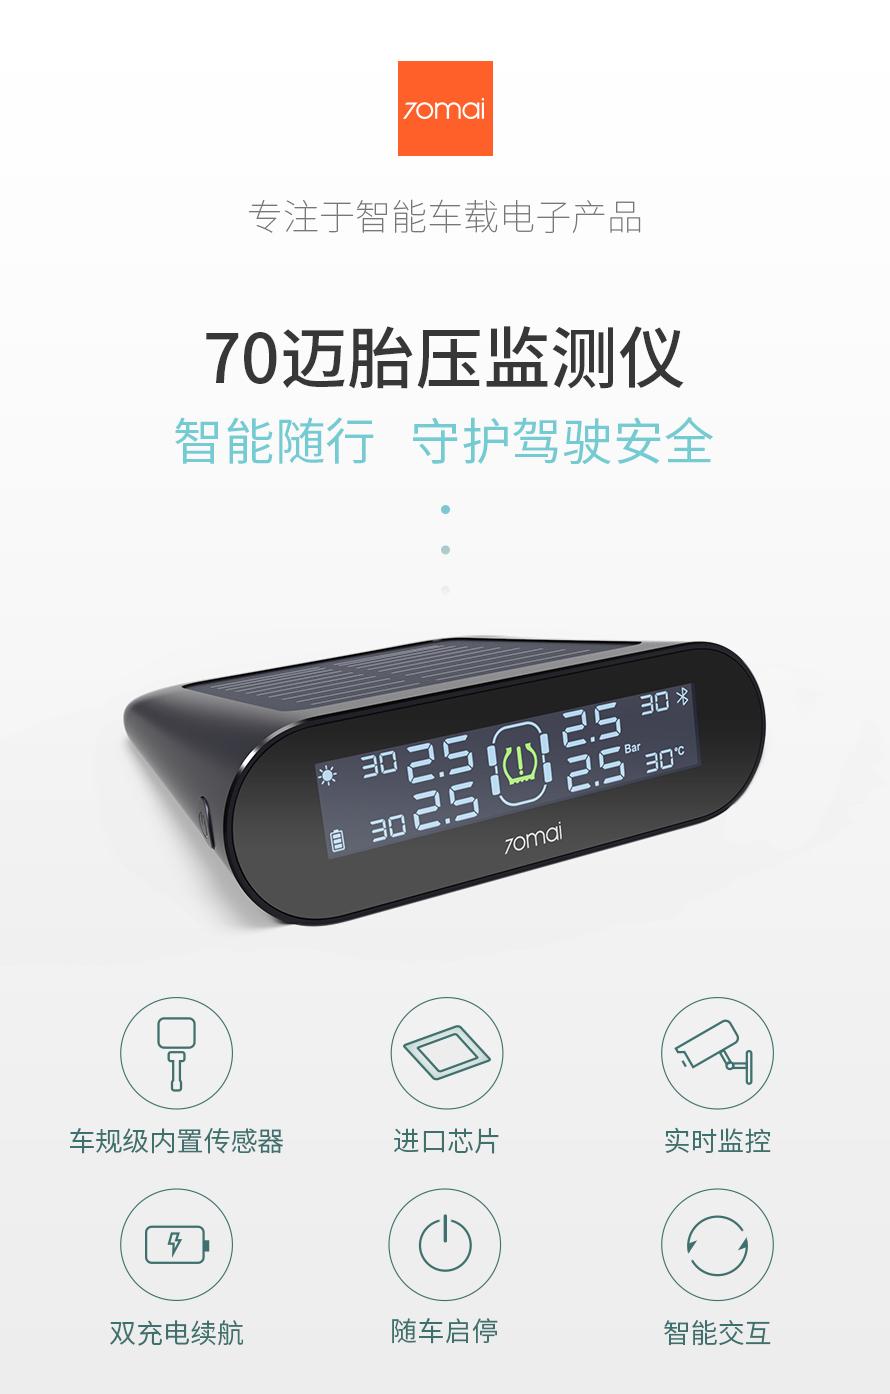 70迈胎压监测仪详情_01.jpg